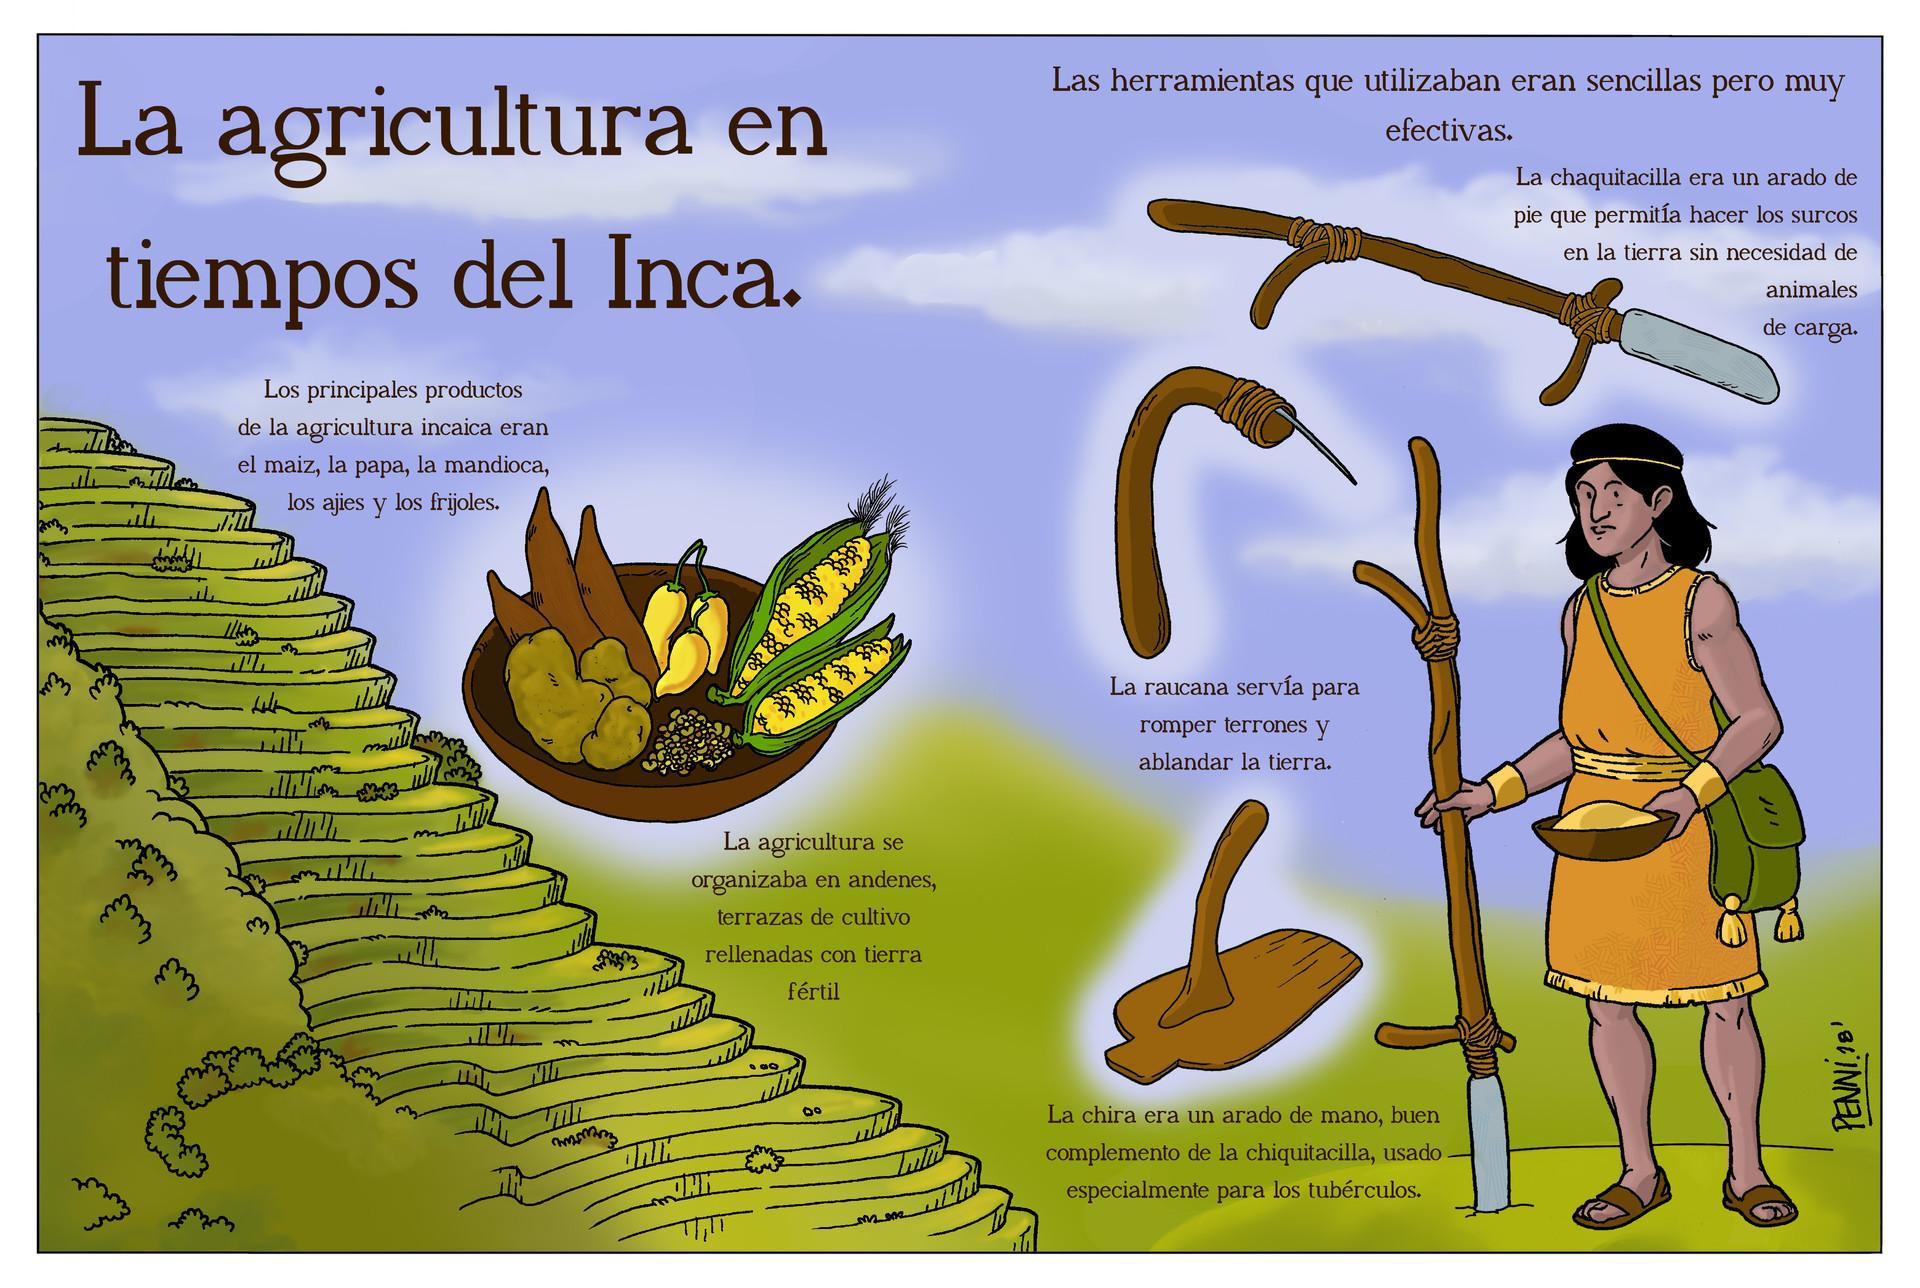 Artstation La Agricultura En Tiempos De Inca Alan Pennisi